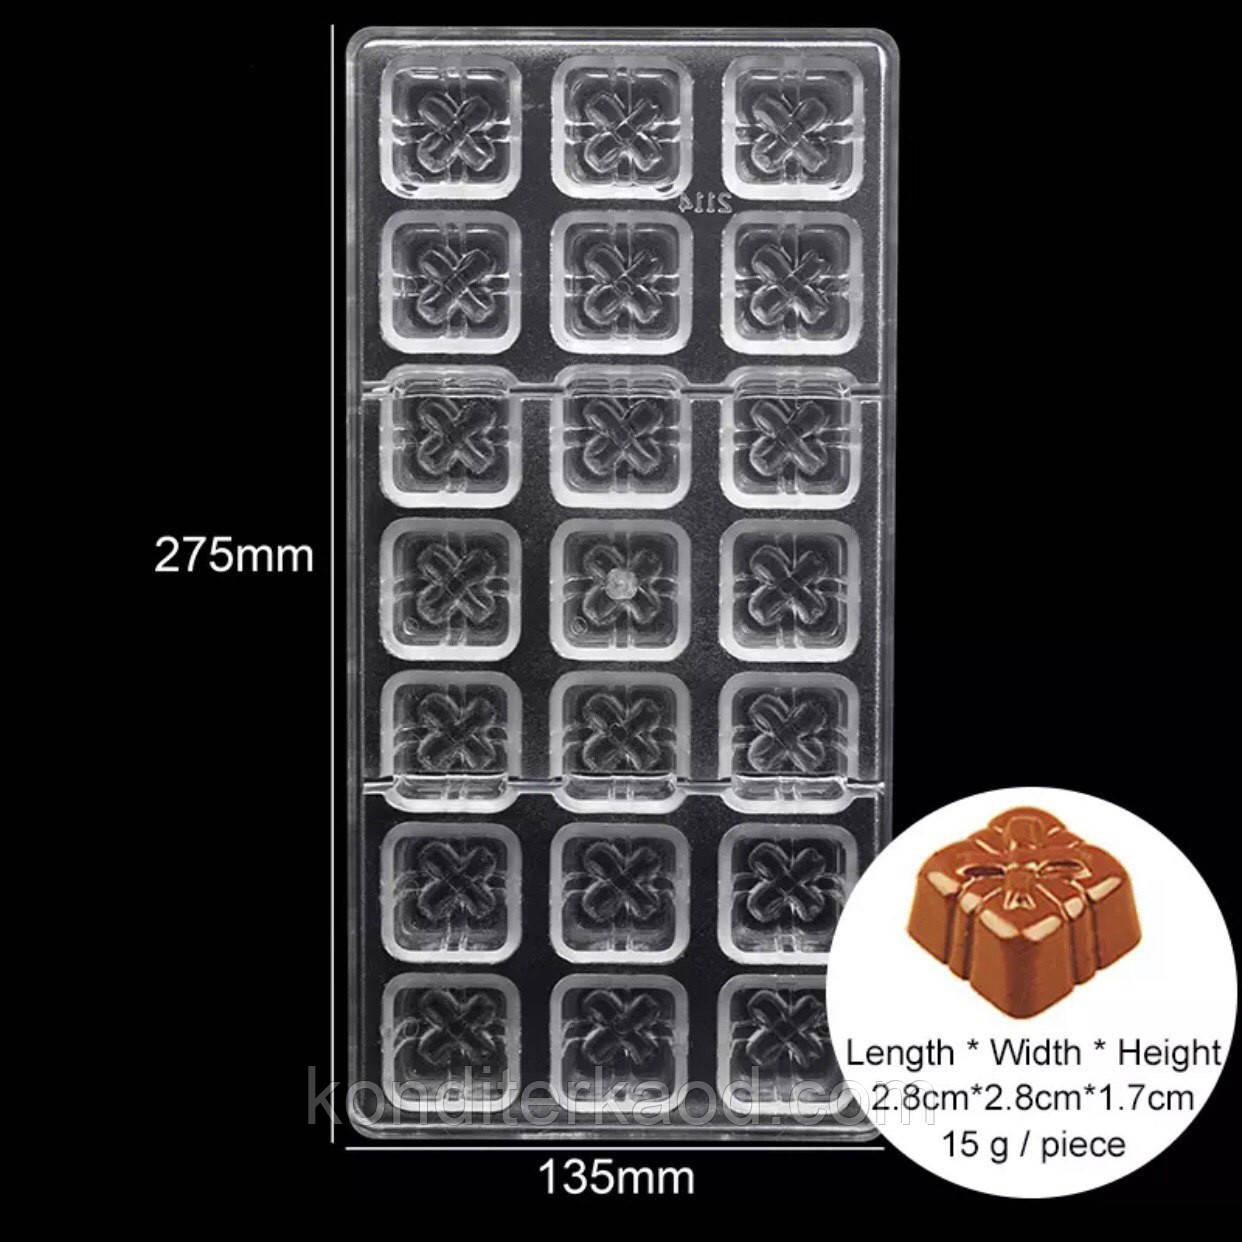 Поликарбонатная форма Квадрат с бантом для конфет, карамели, шоколада